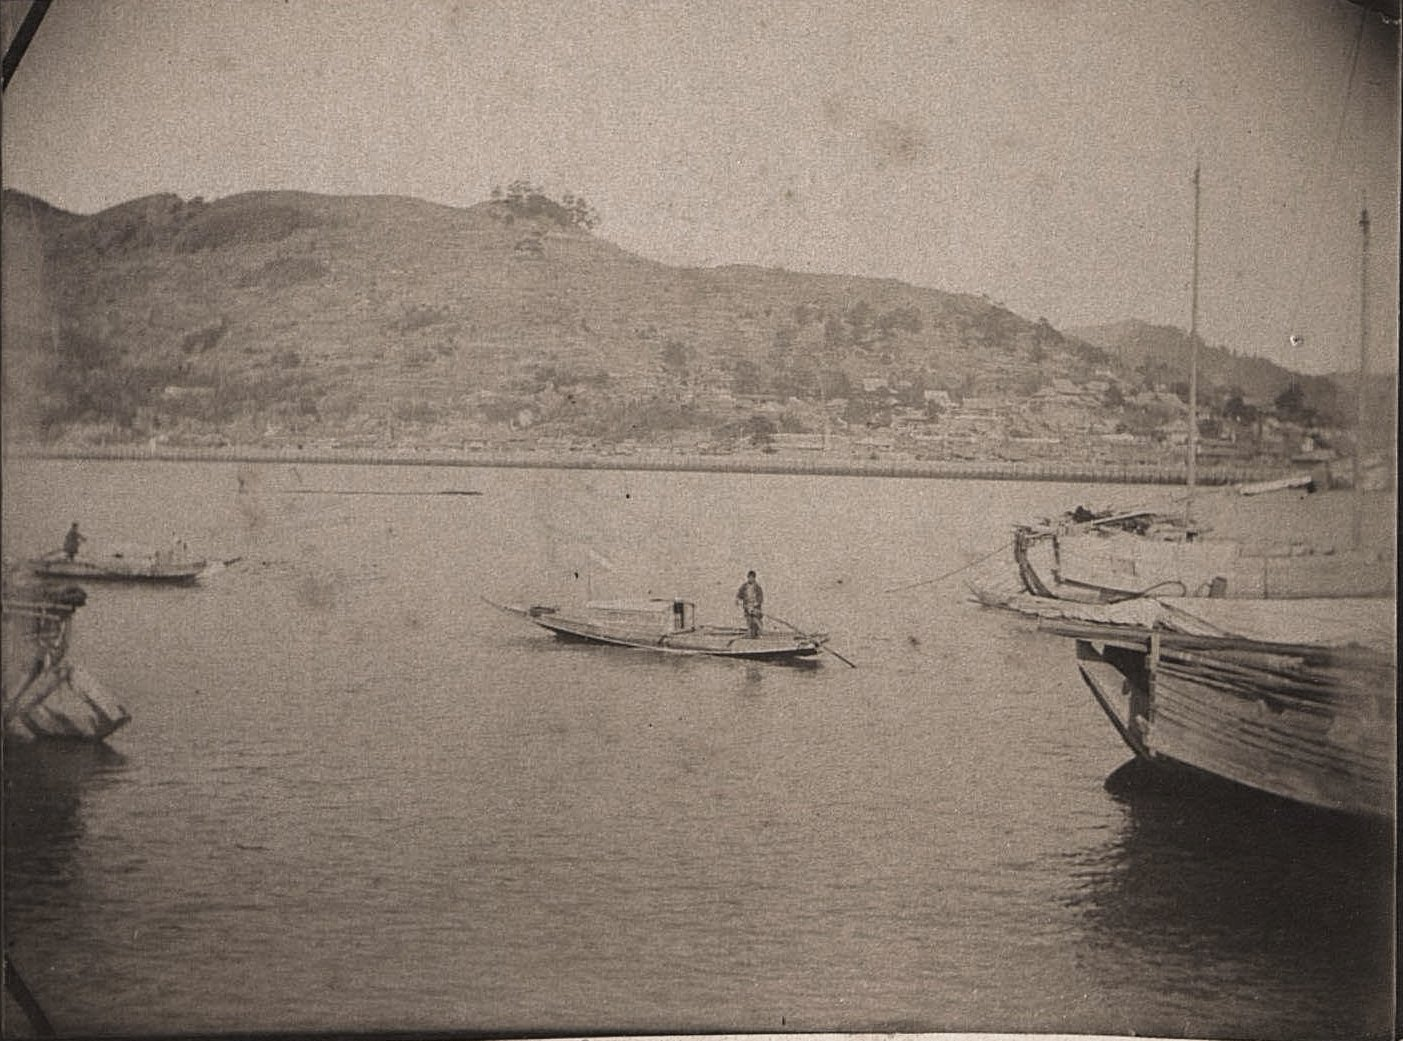 1899. Нагасаки. Лодки на воде у берега